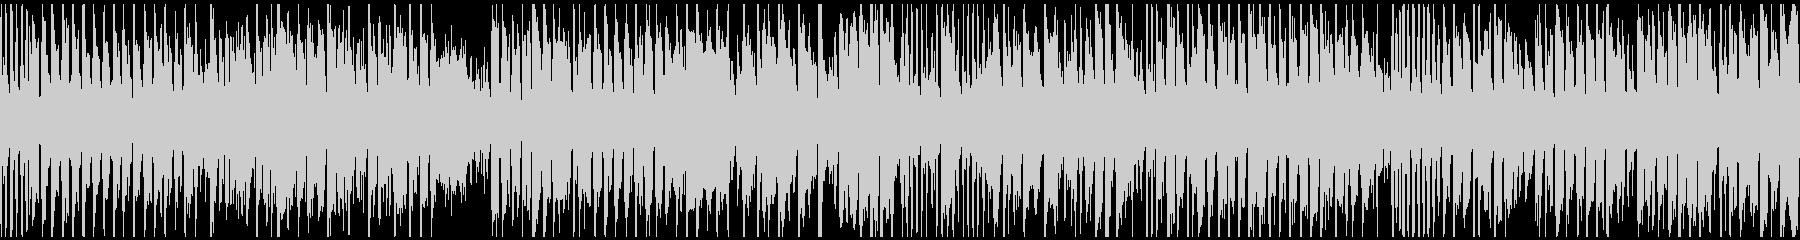 ブリブリした音色の爆速コメディ※ループ版の未再生の波形